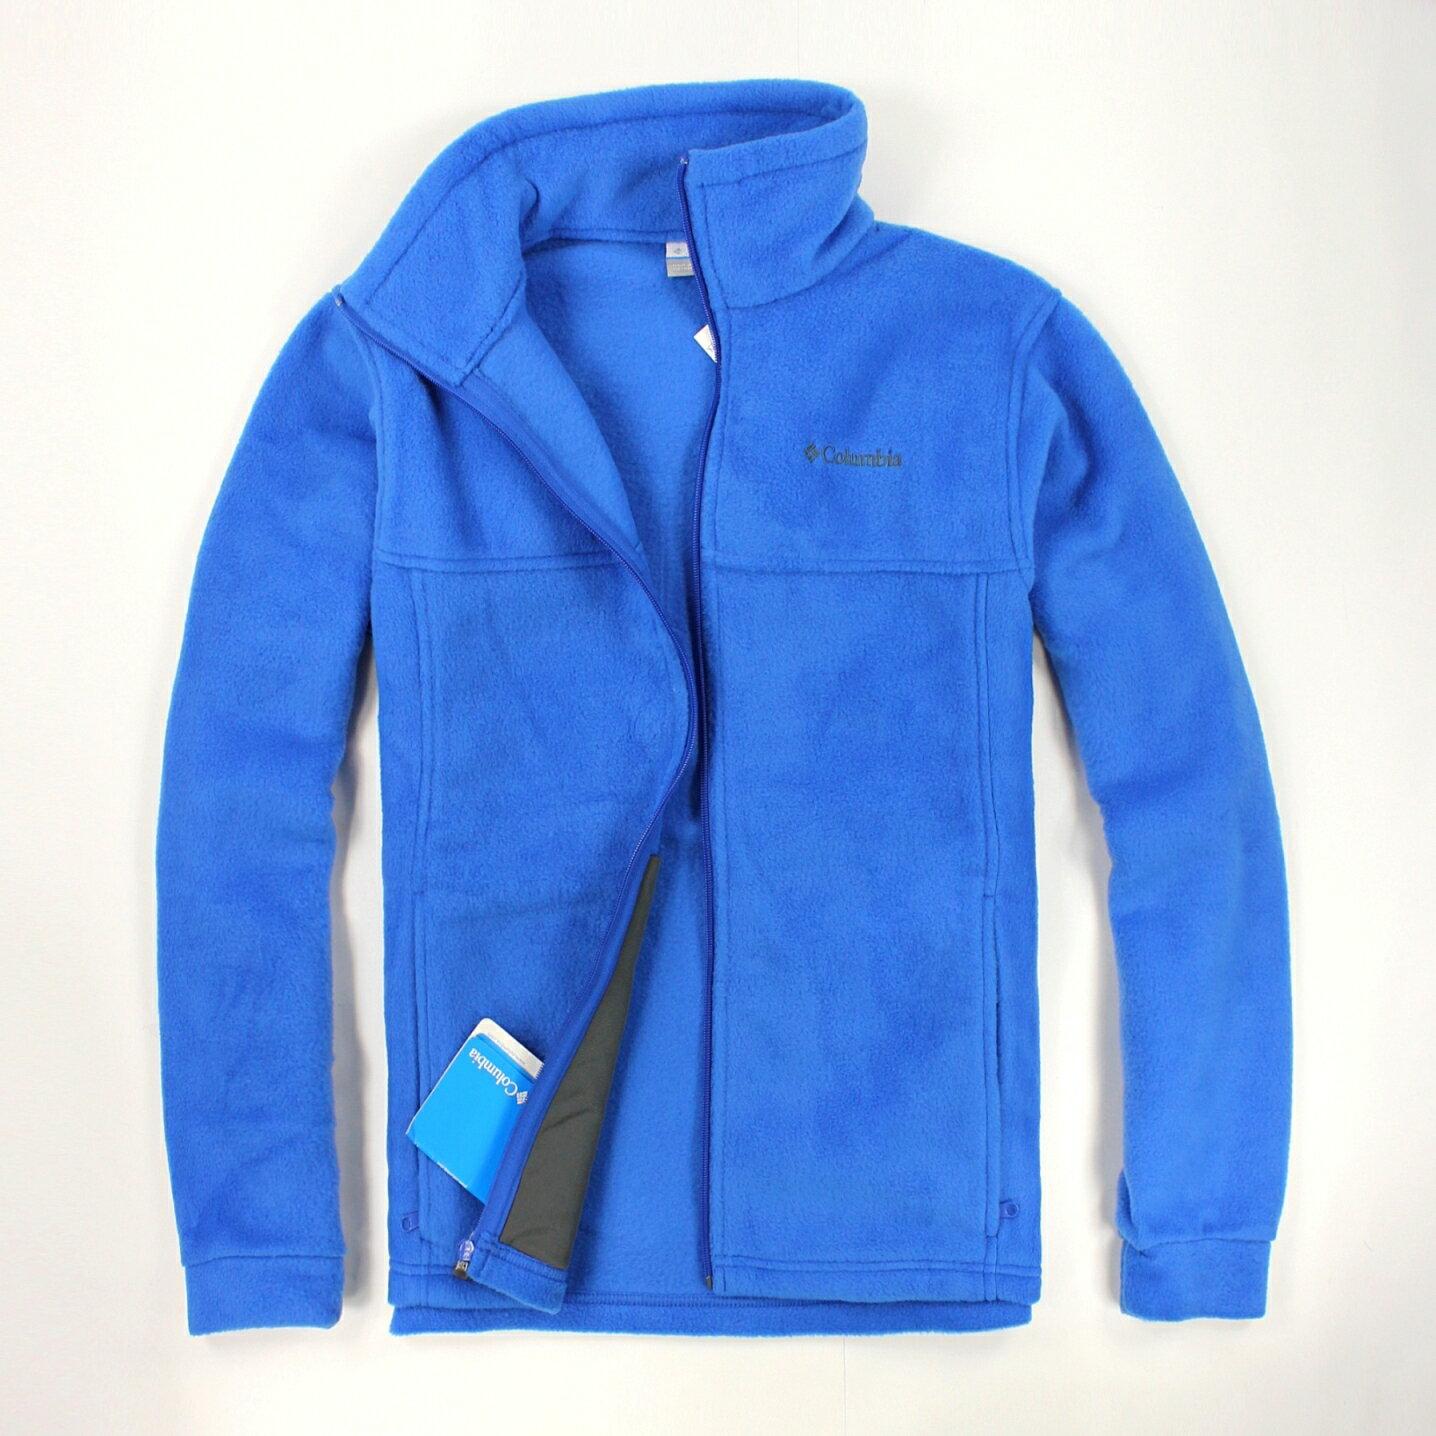 美國百分百【全新真品】Columbia 外套 刷毛外套 輕巧 fleece 保暖 哥倫比亞 寶藍 男 S號 B533